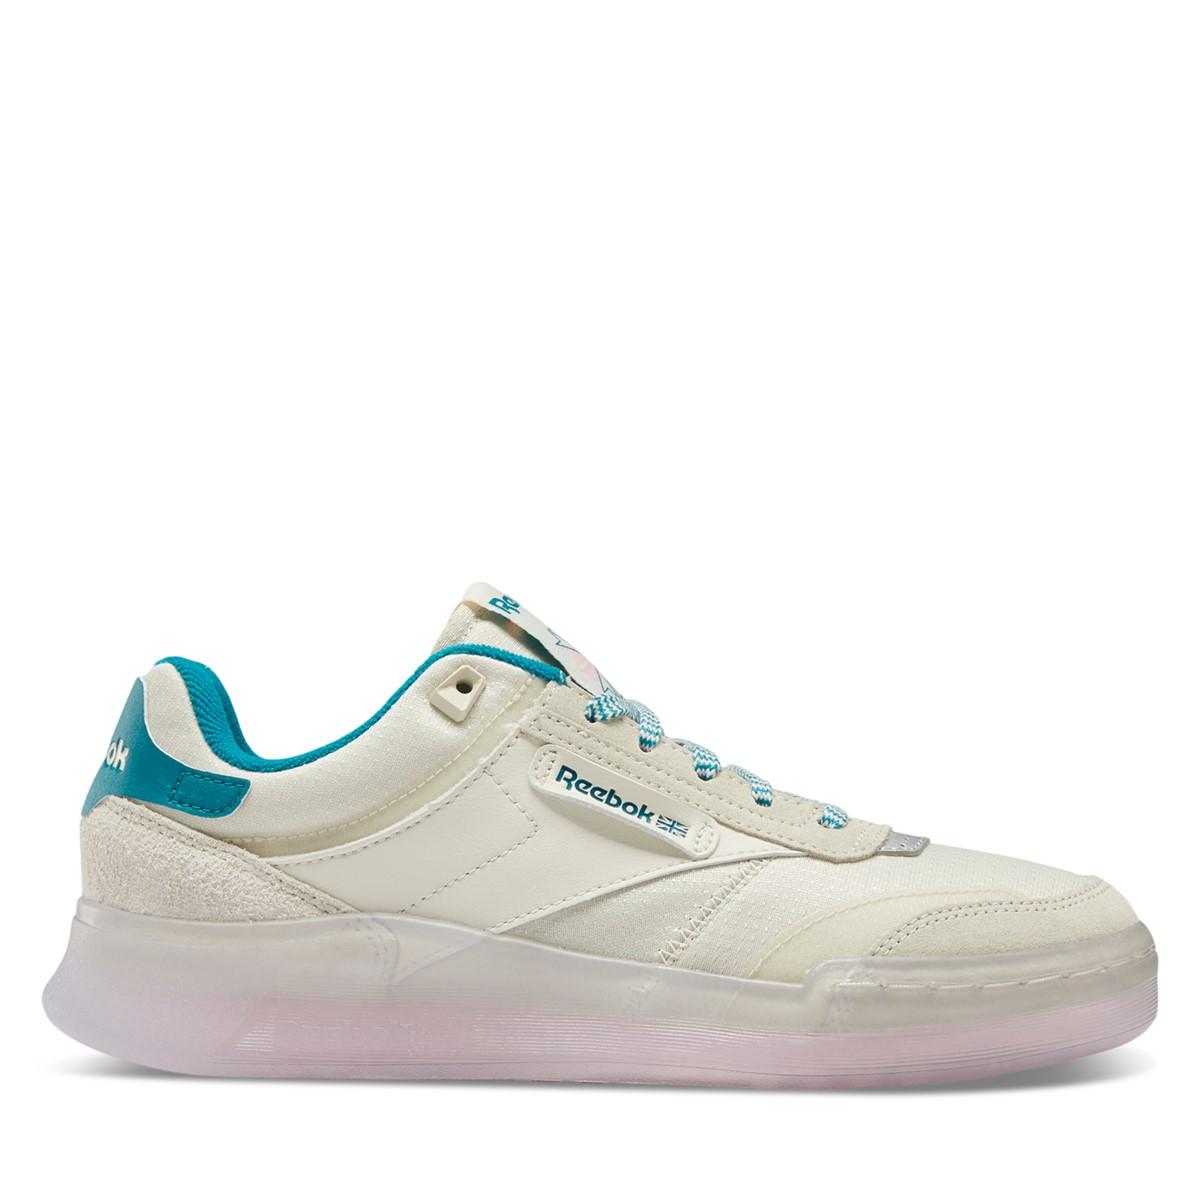 Women's Club C Legacy Sneakers in Chalk/Blue